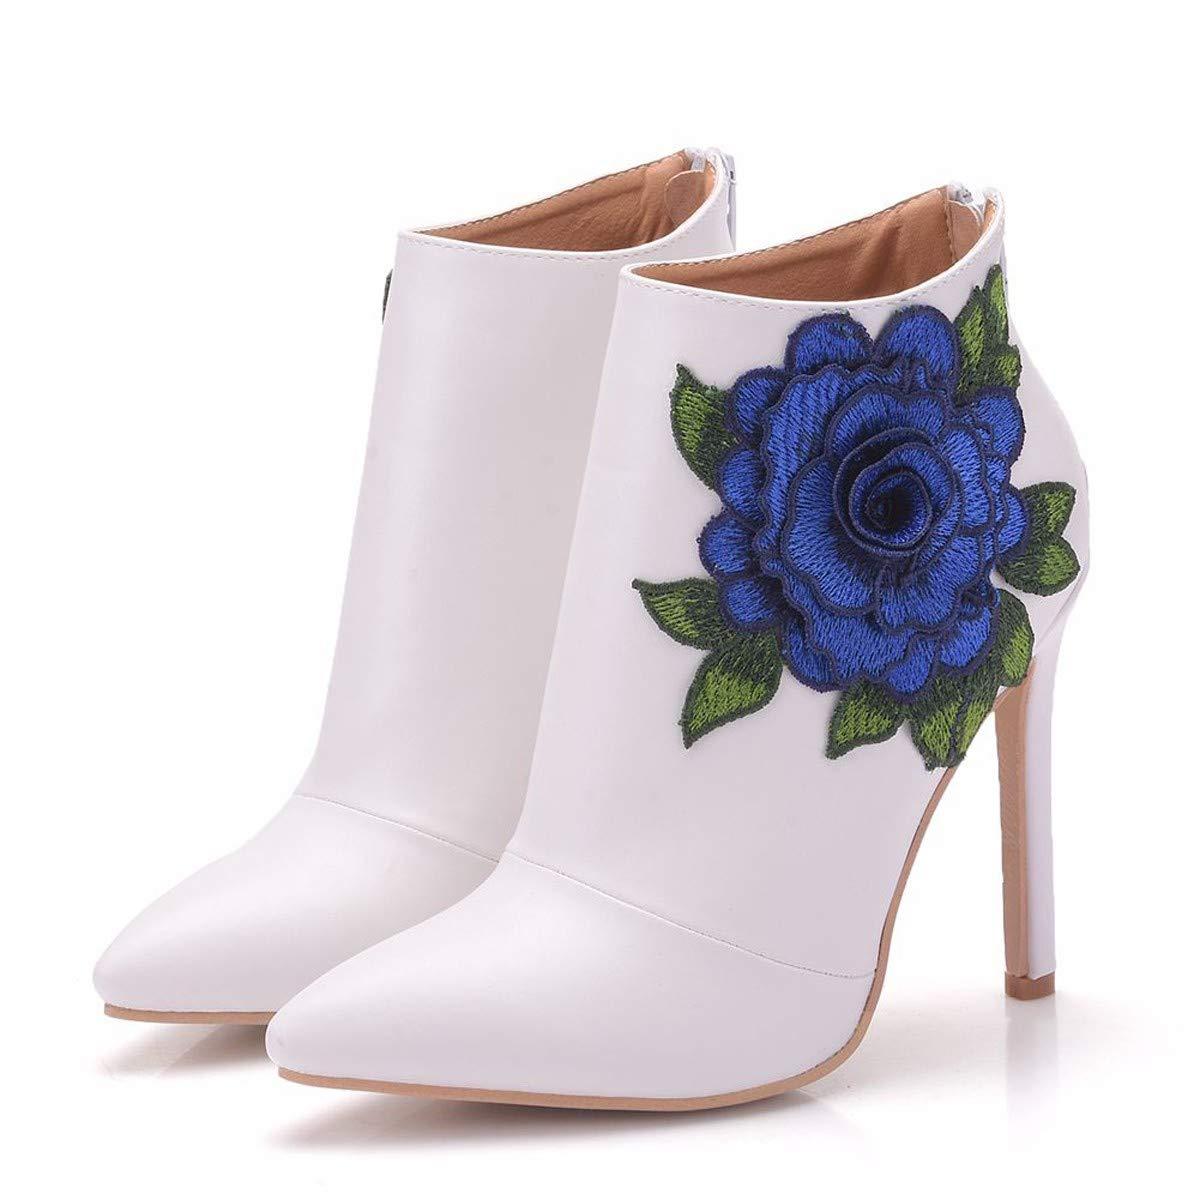 LBTSQ-Mode schöne und Kurze Stiefel spitz sexy Spitzen-Blumen Martin Stiefel super-high-Heels Frauen-Stiefel.